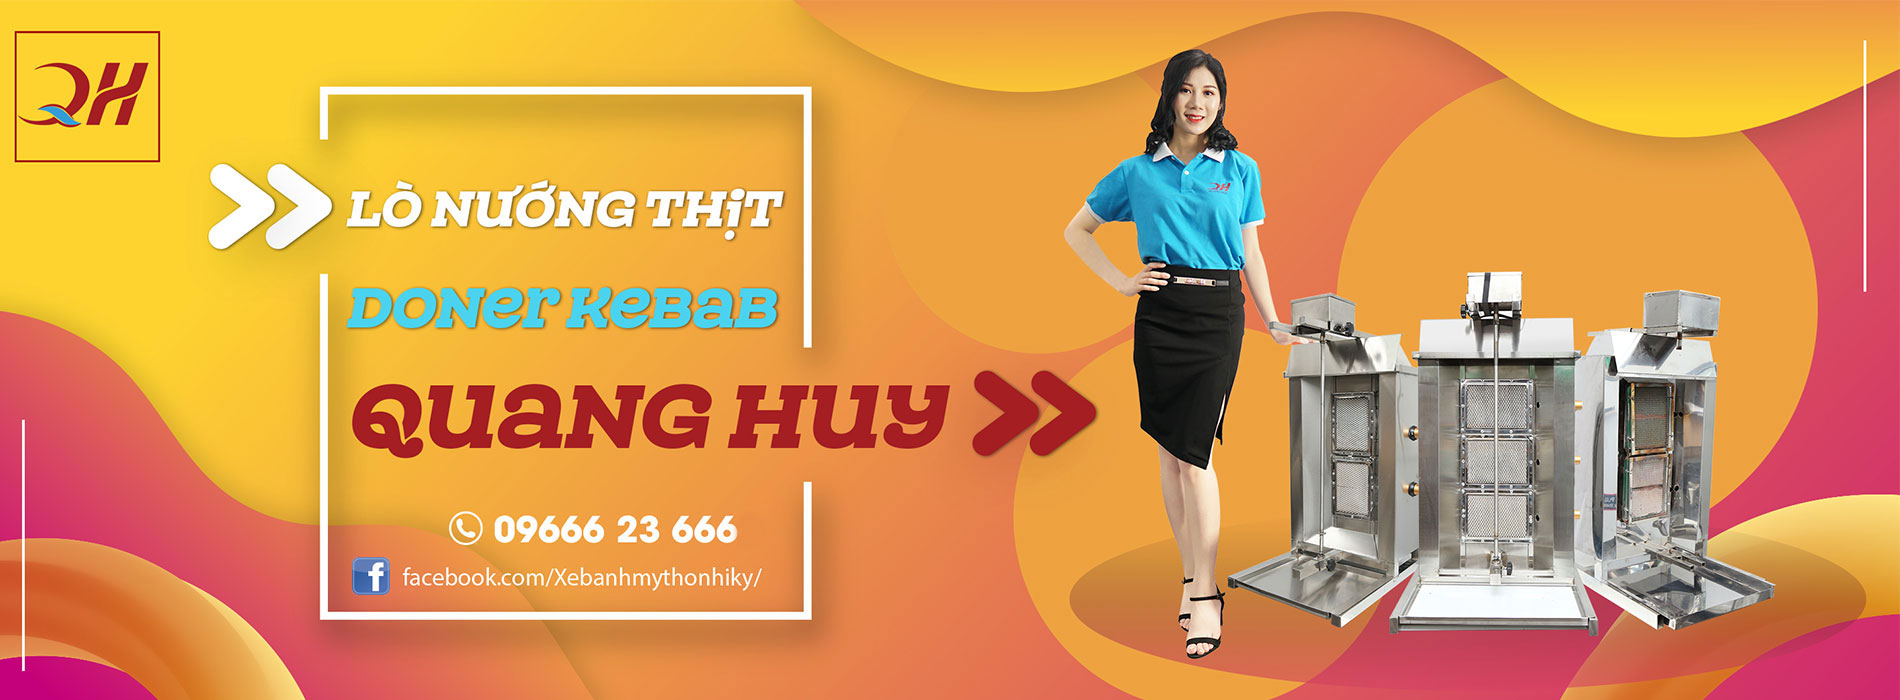 Banner xe inox bán bánh mì giá rẻ Quang Huy